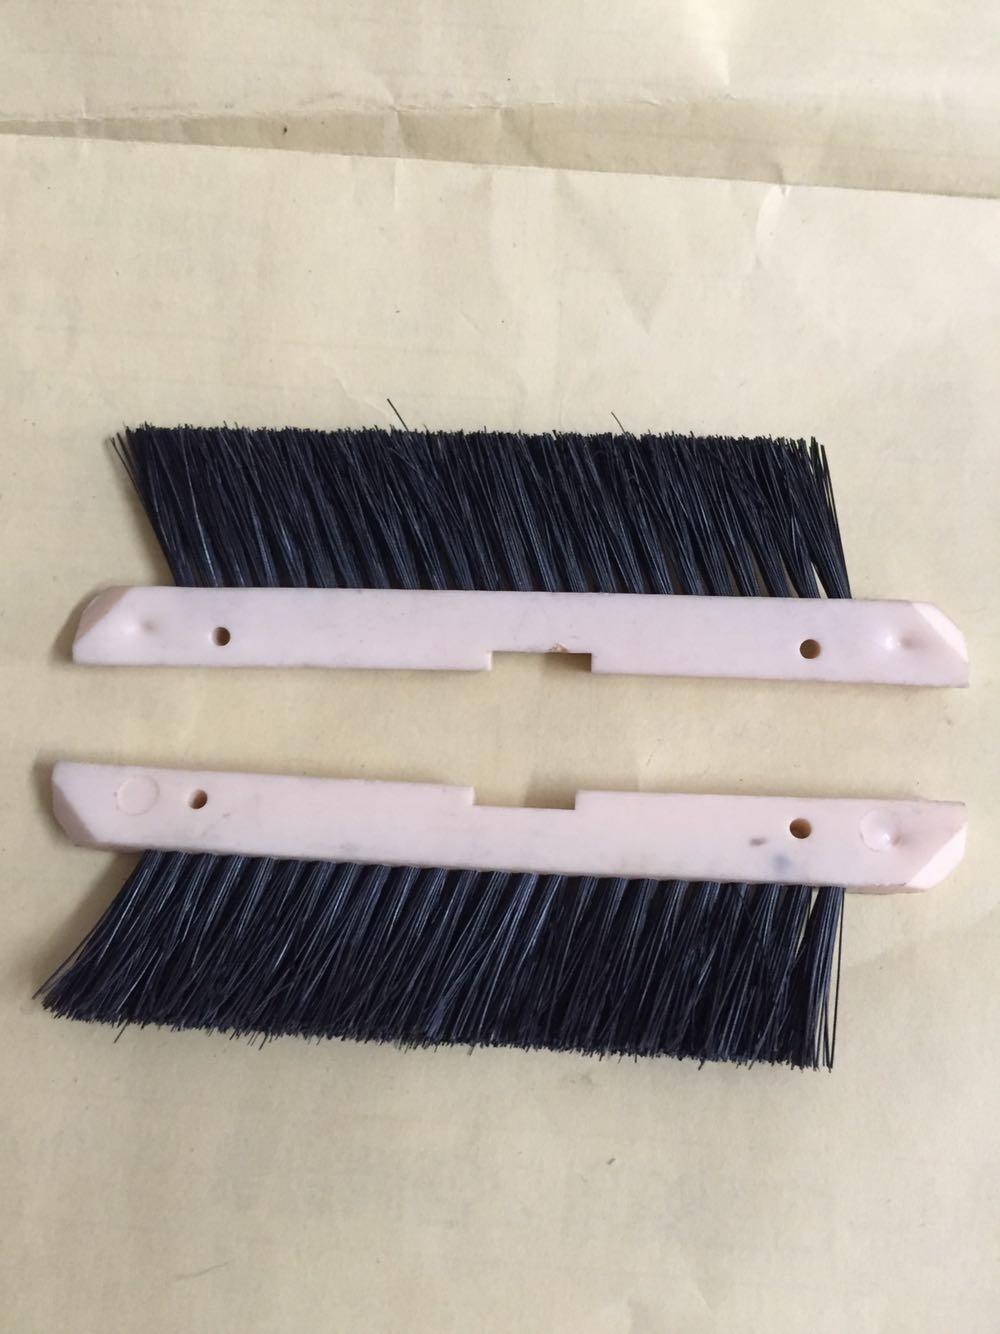 4 Uds claro cepillo espaà a de plata Reed máquina de tejer/4,5/3,6mm SK210 SK218 SK280 360 SK840 F270 370